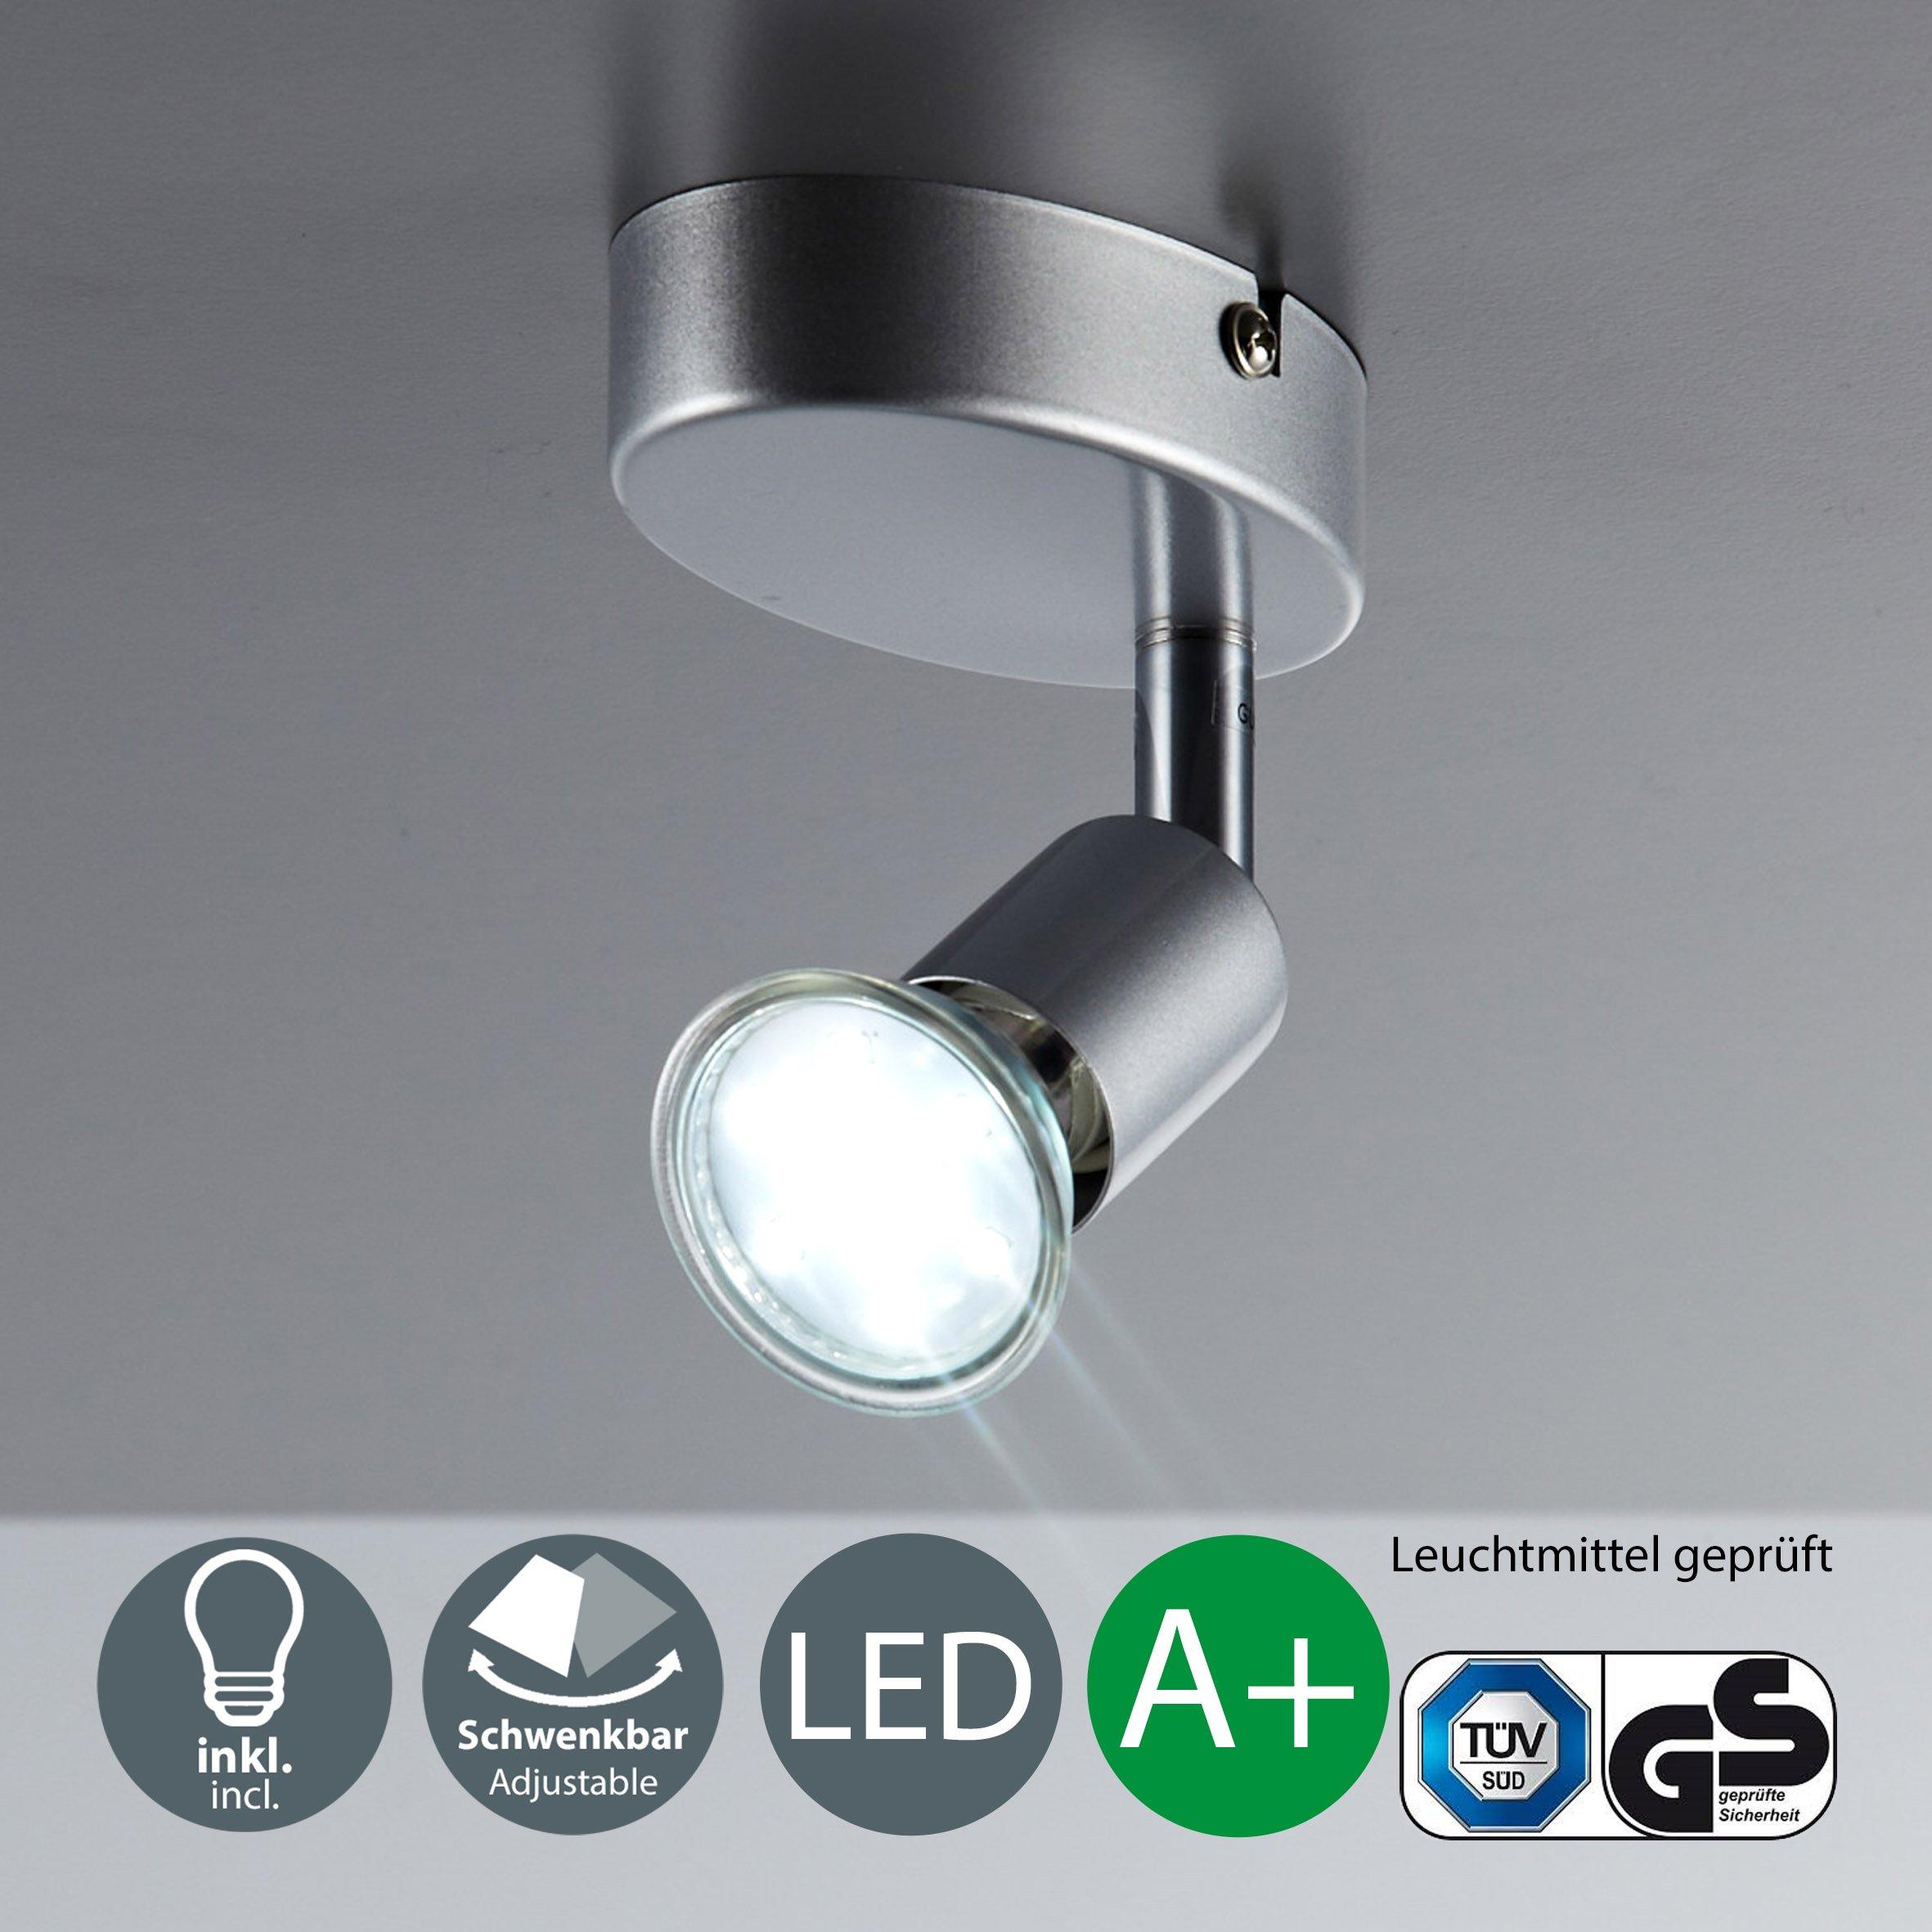 Lámpara de techo I Foco LED para techo y pared I Orientable I Incluye 1 luz